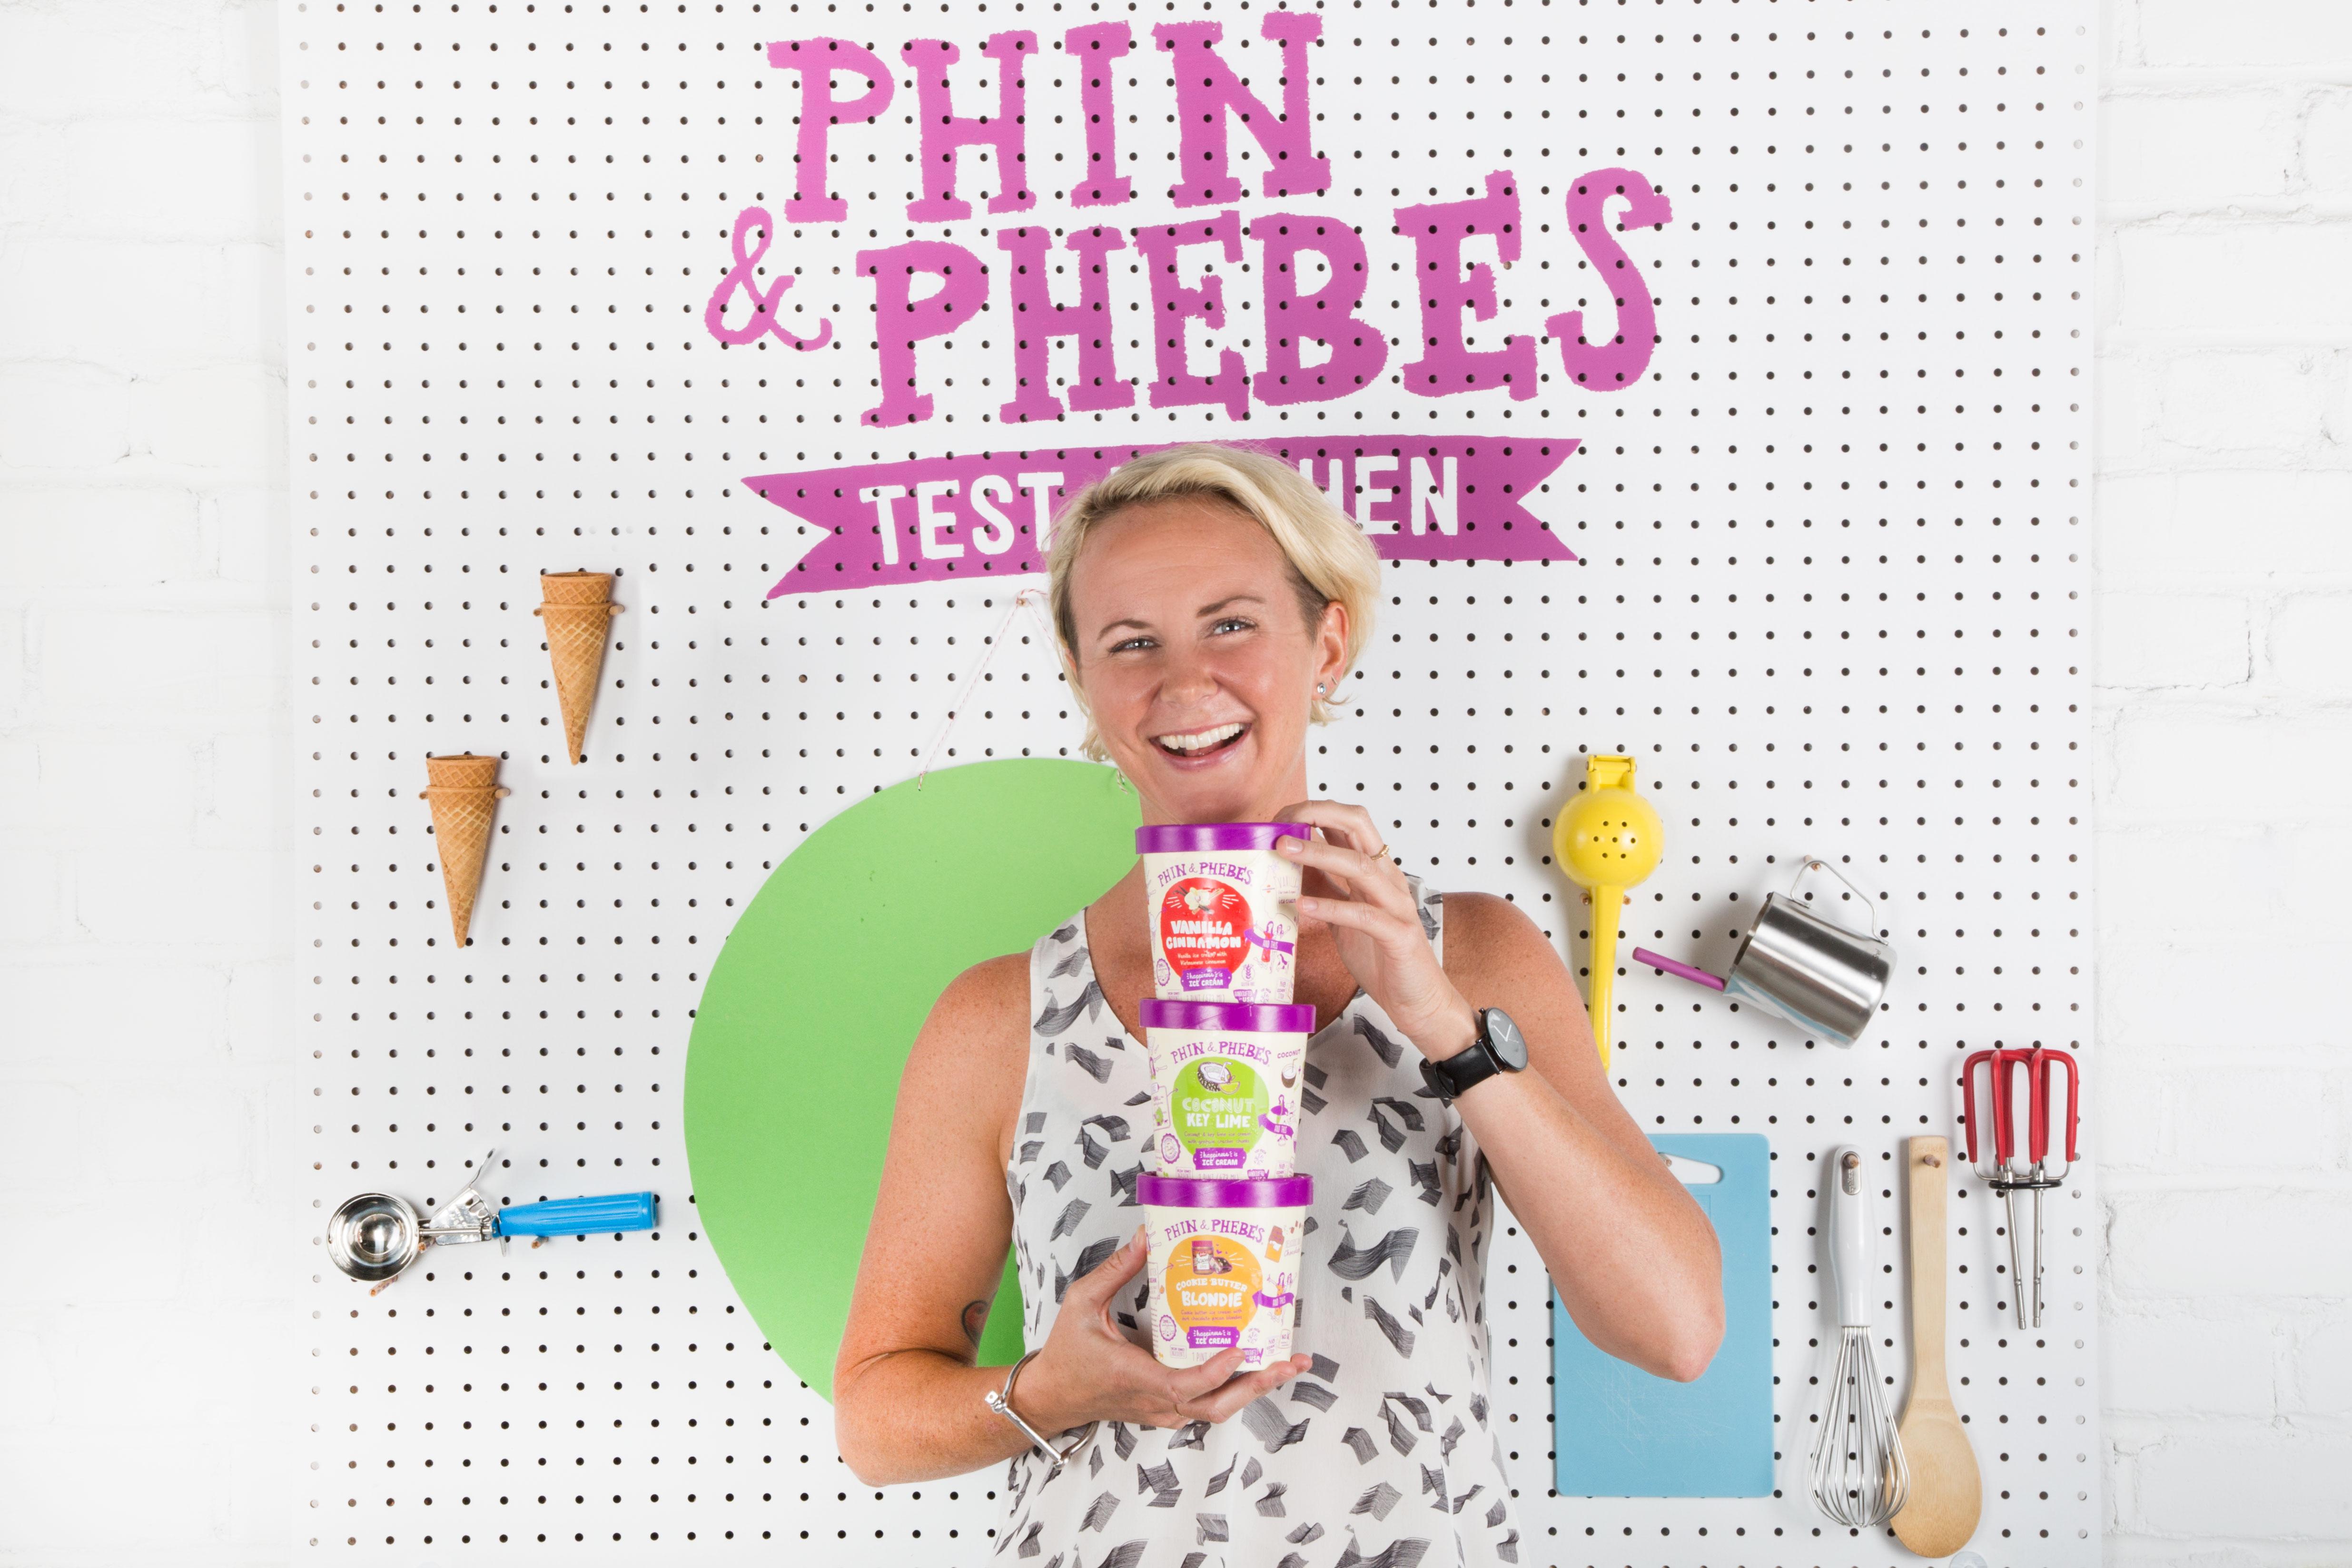 Crista Freeman, founder of Phin and Phebe's Ice Cream